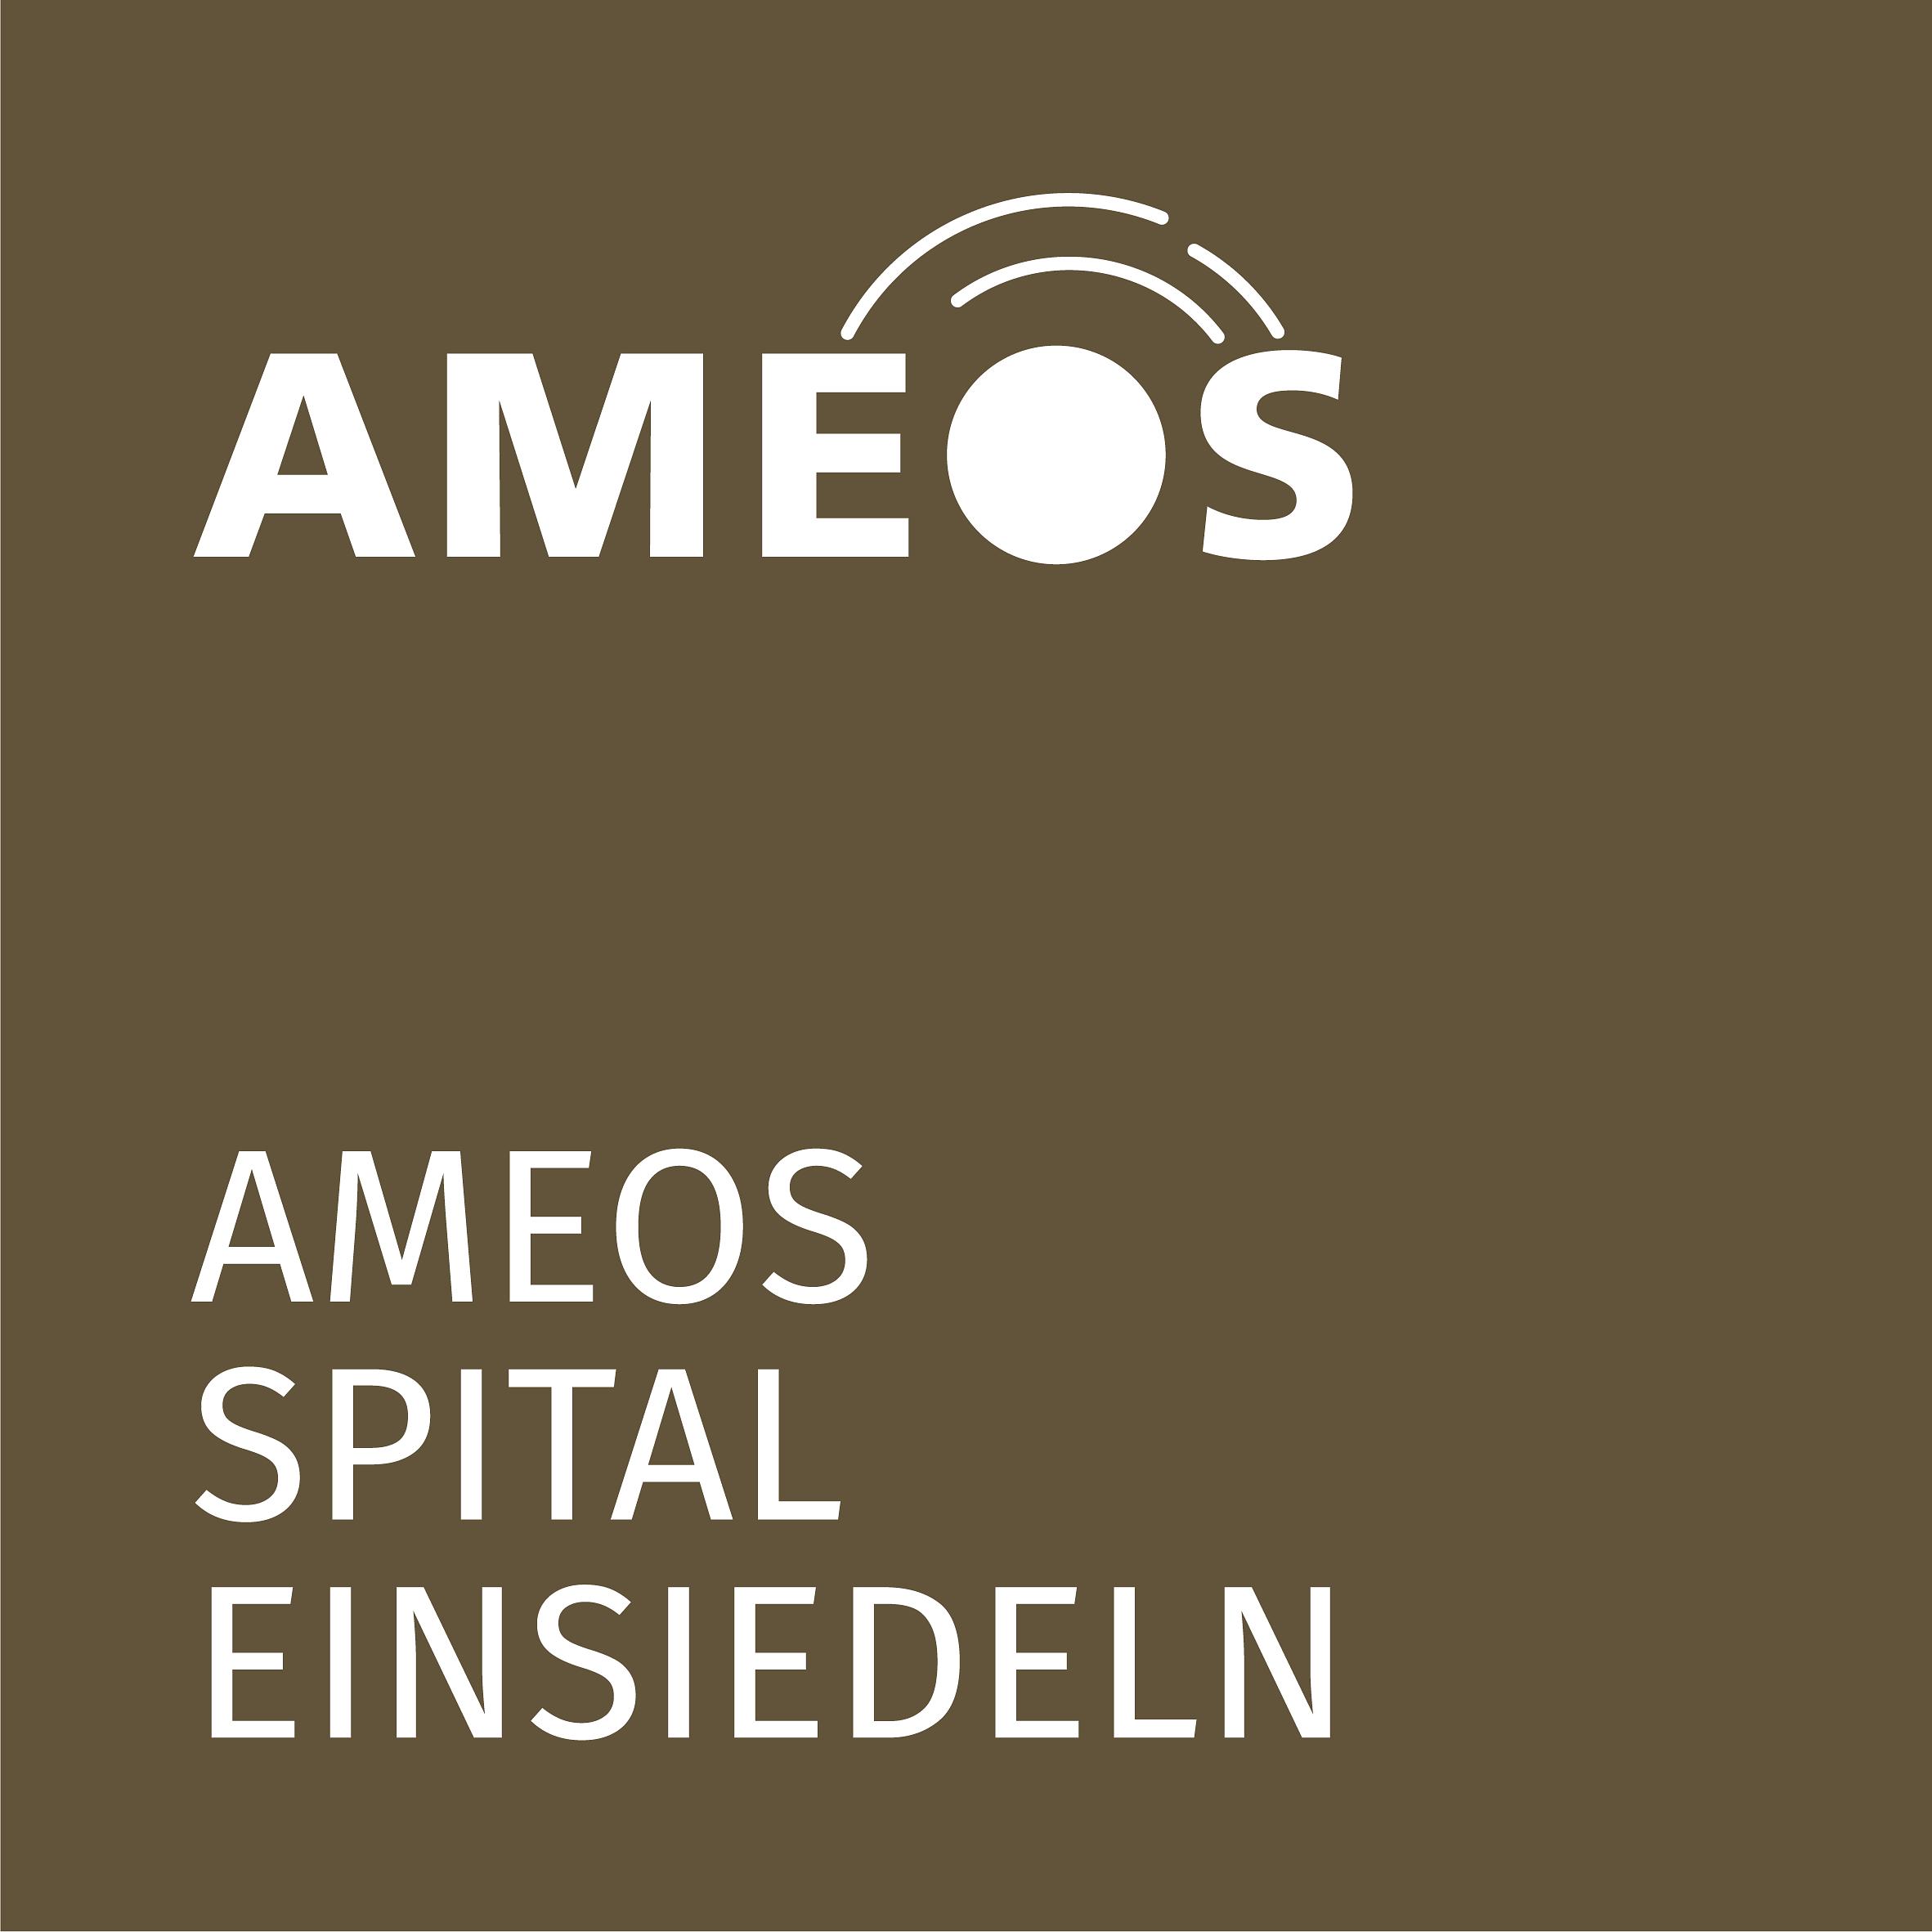 AMEOS Spital Einsiedeln